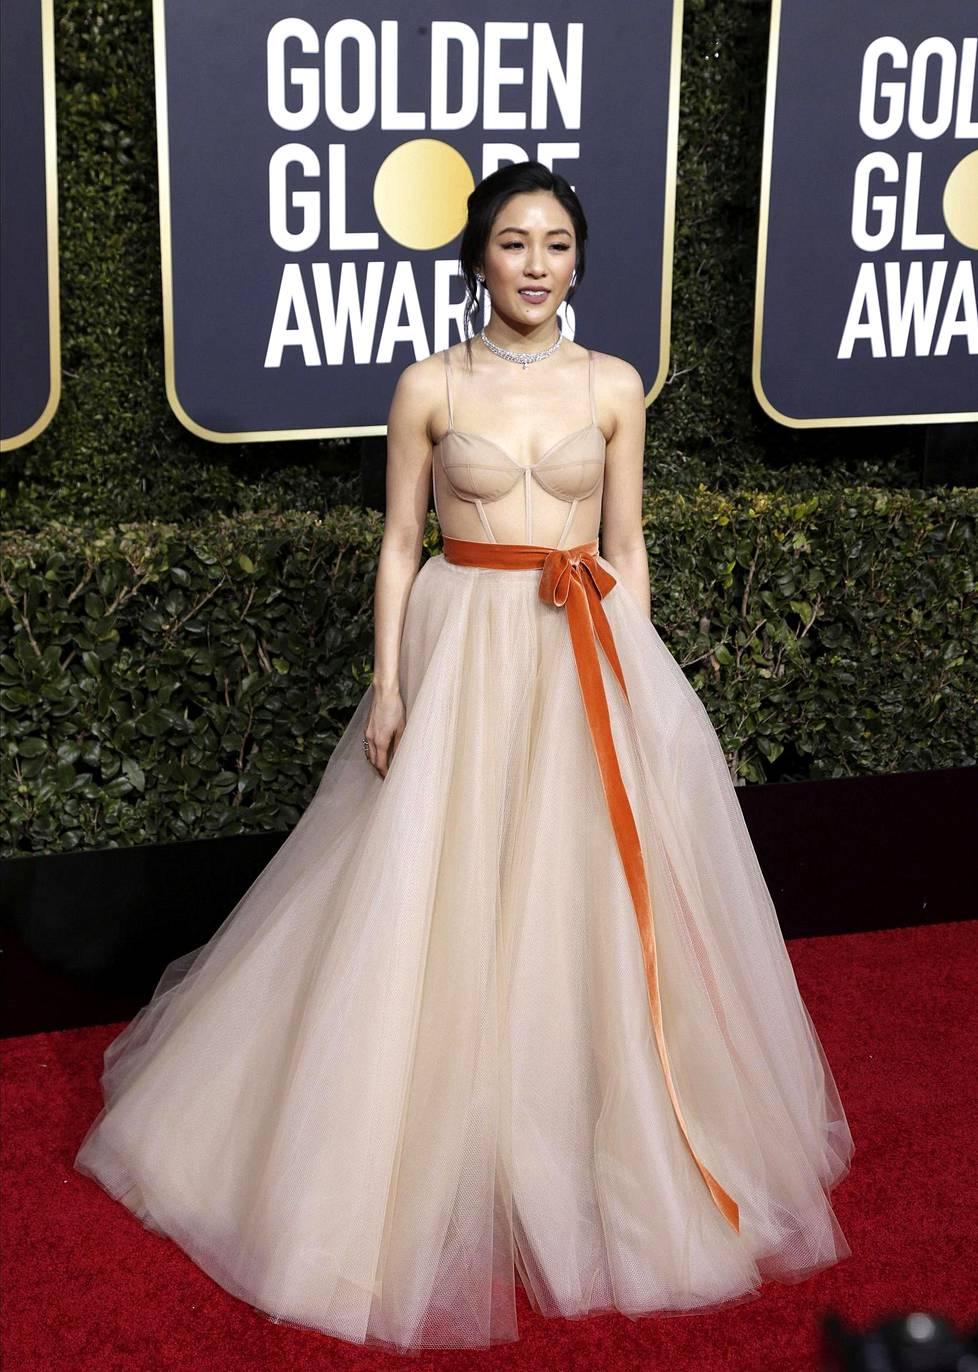 Constance Wu oli ehdolla parhaaksi näyttelijäksi musikaalissa roolistaan elokuvassa Crazy Rich Asians. Voiton vei kuitenkin Olivia Colman.